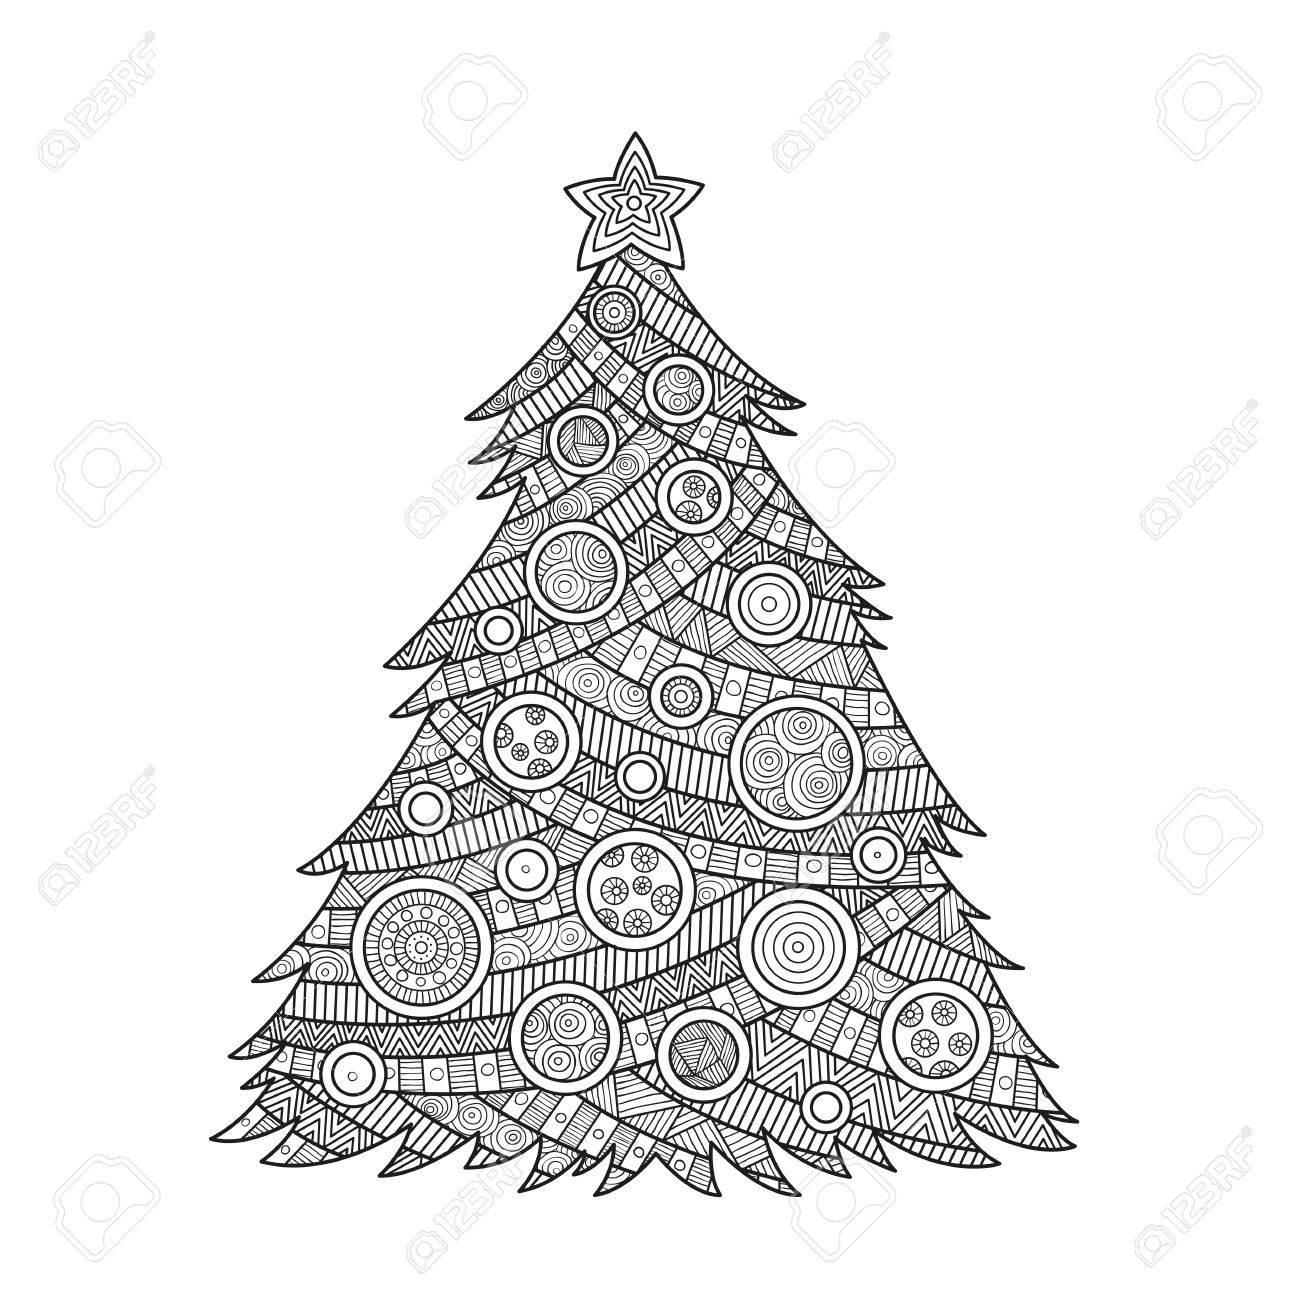 Las Ilustraciones Para Colorear De Navidad Para Los Adultos De Tinta Para Colorear árbol De Navidad Con Bolas Y Una Estrella Ornamento La